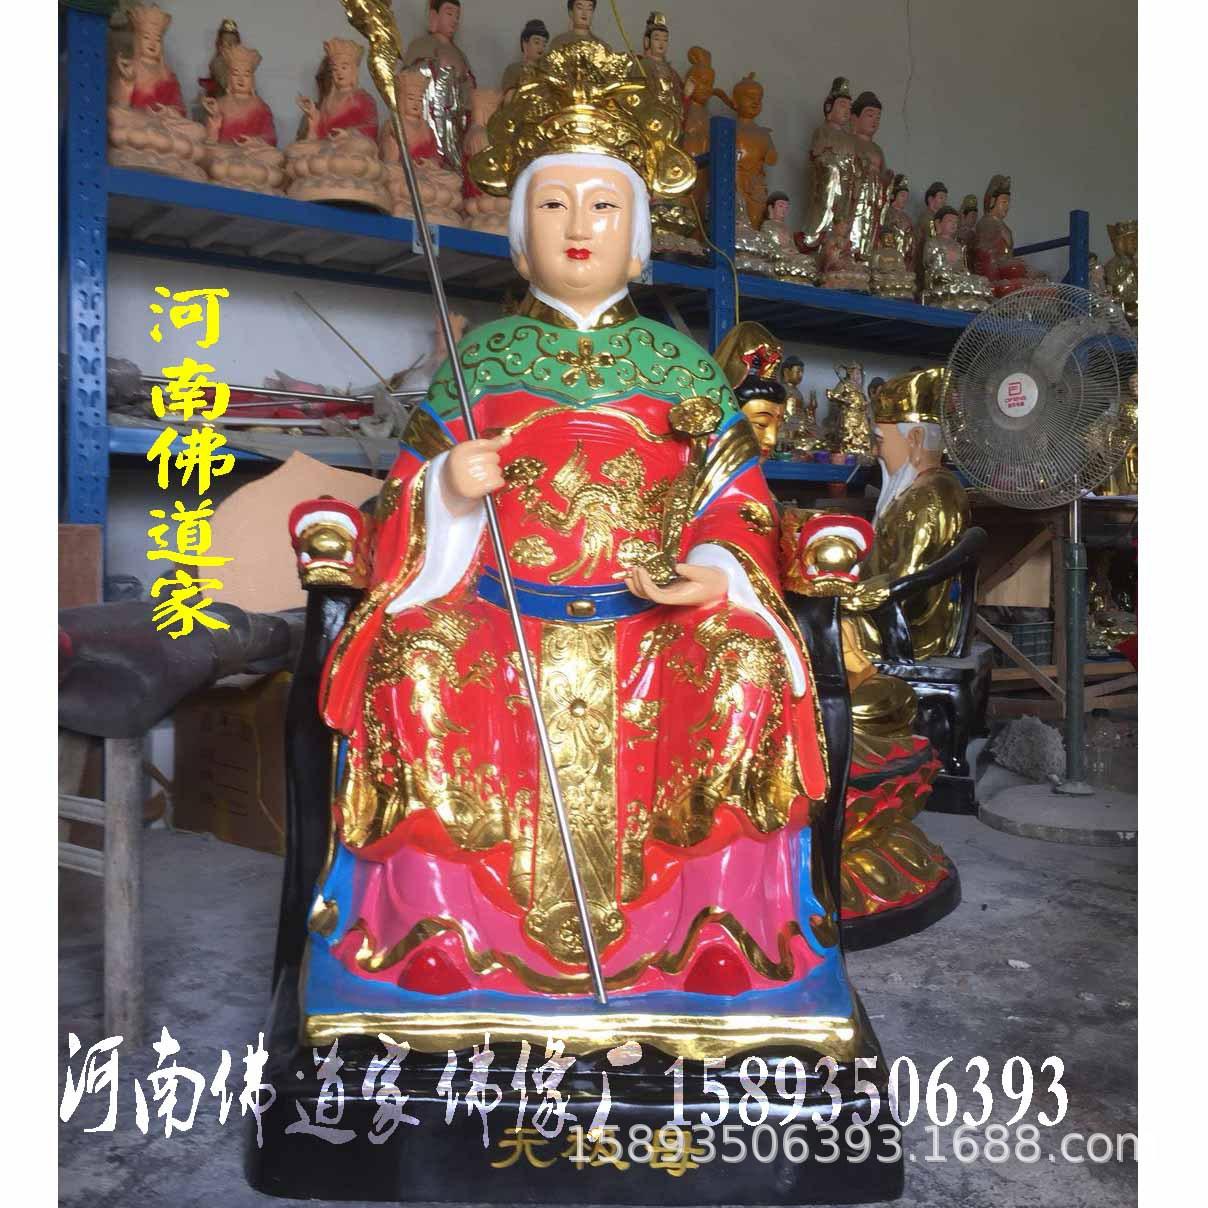 天盘老母是哪位神仙 天盘老母神像厂家 天盘老祖神像 河南佛道家示例图5